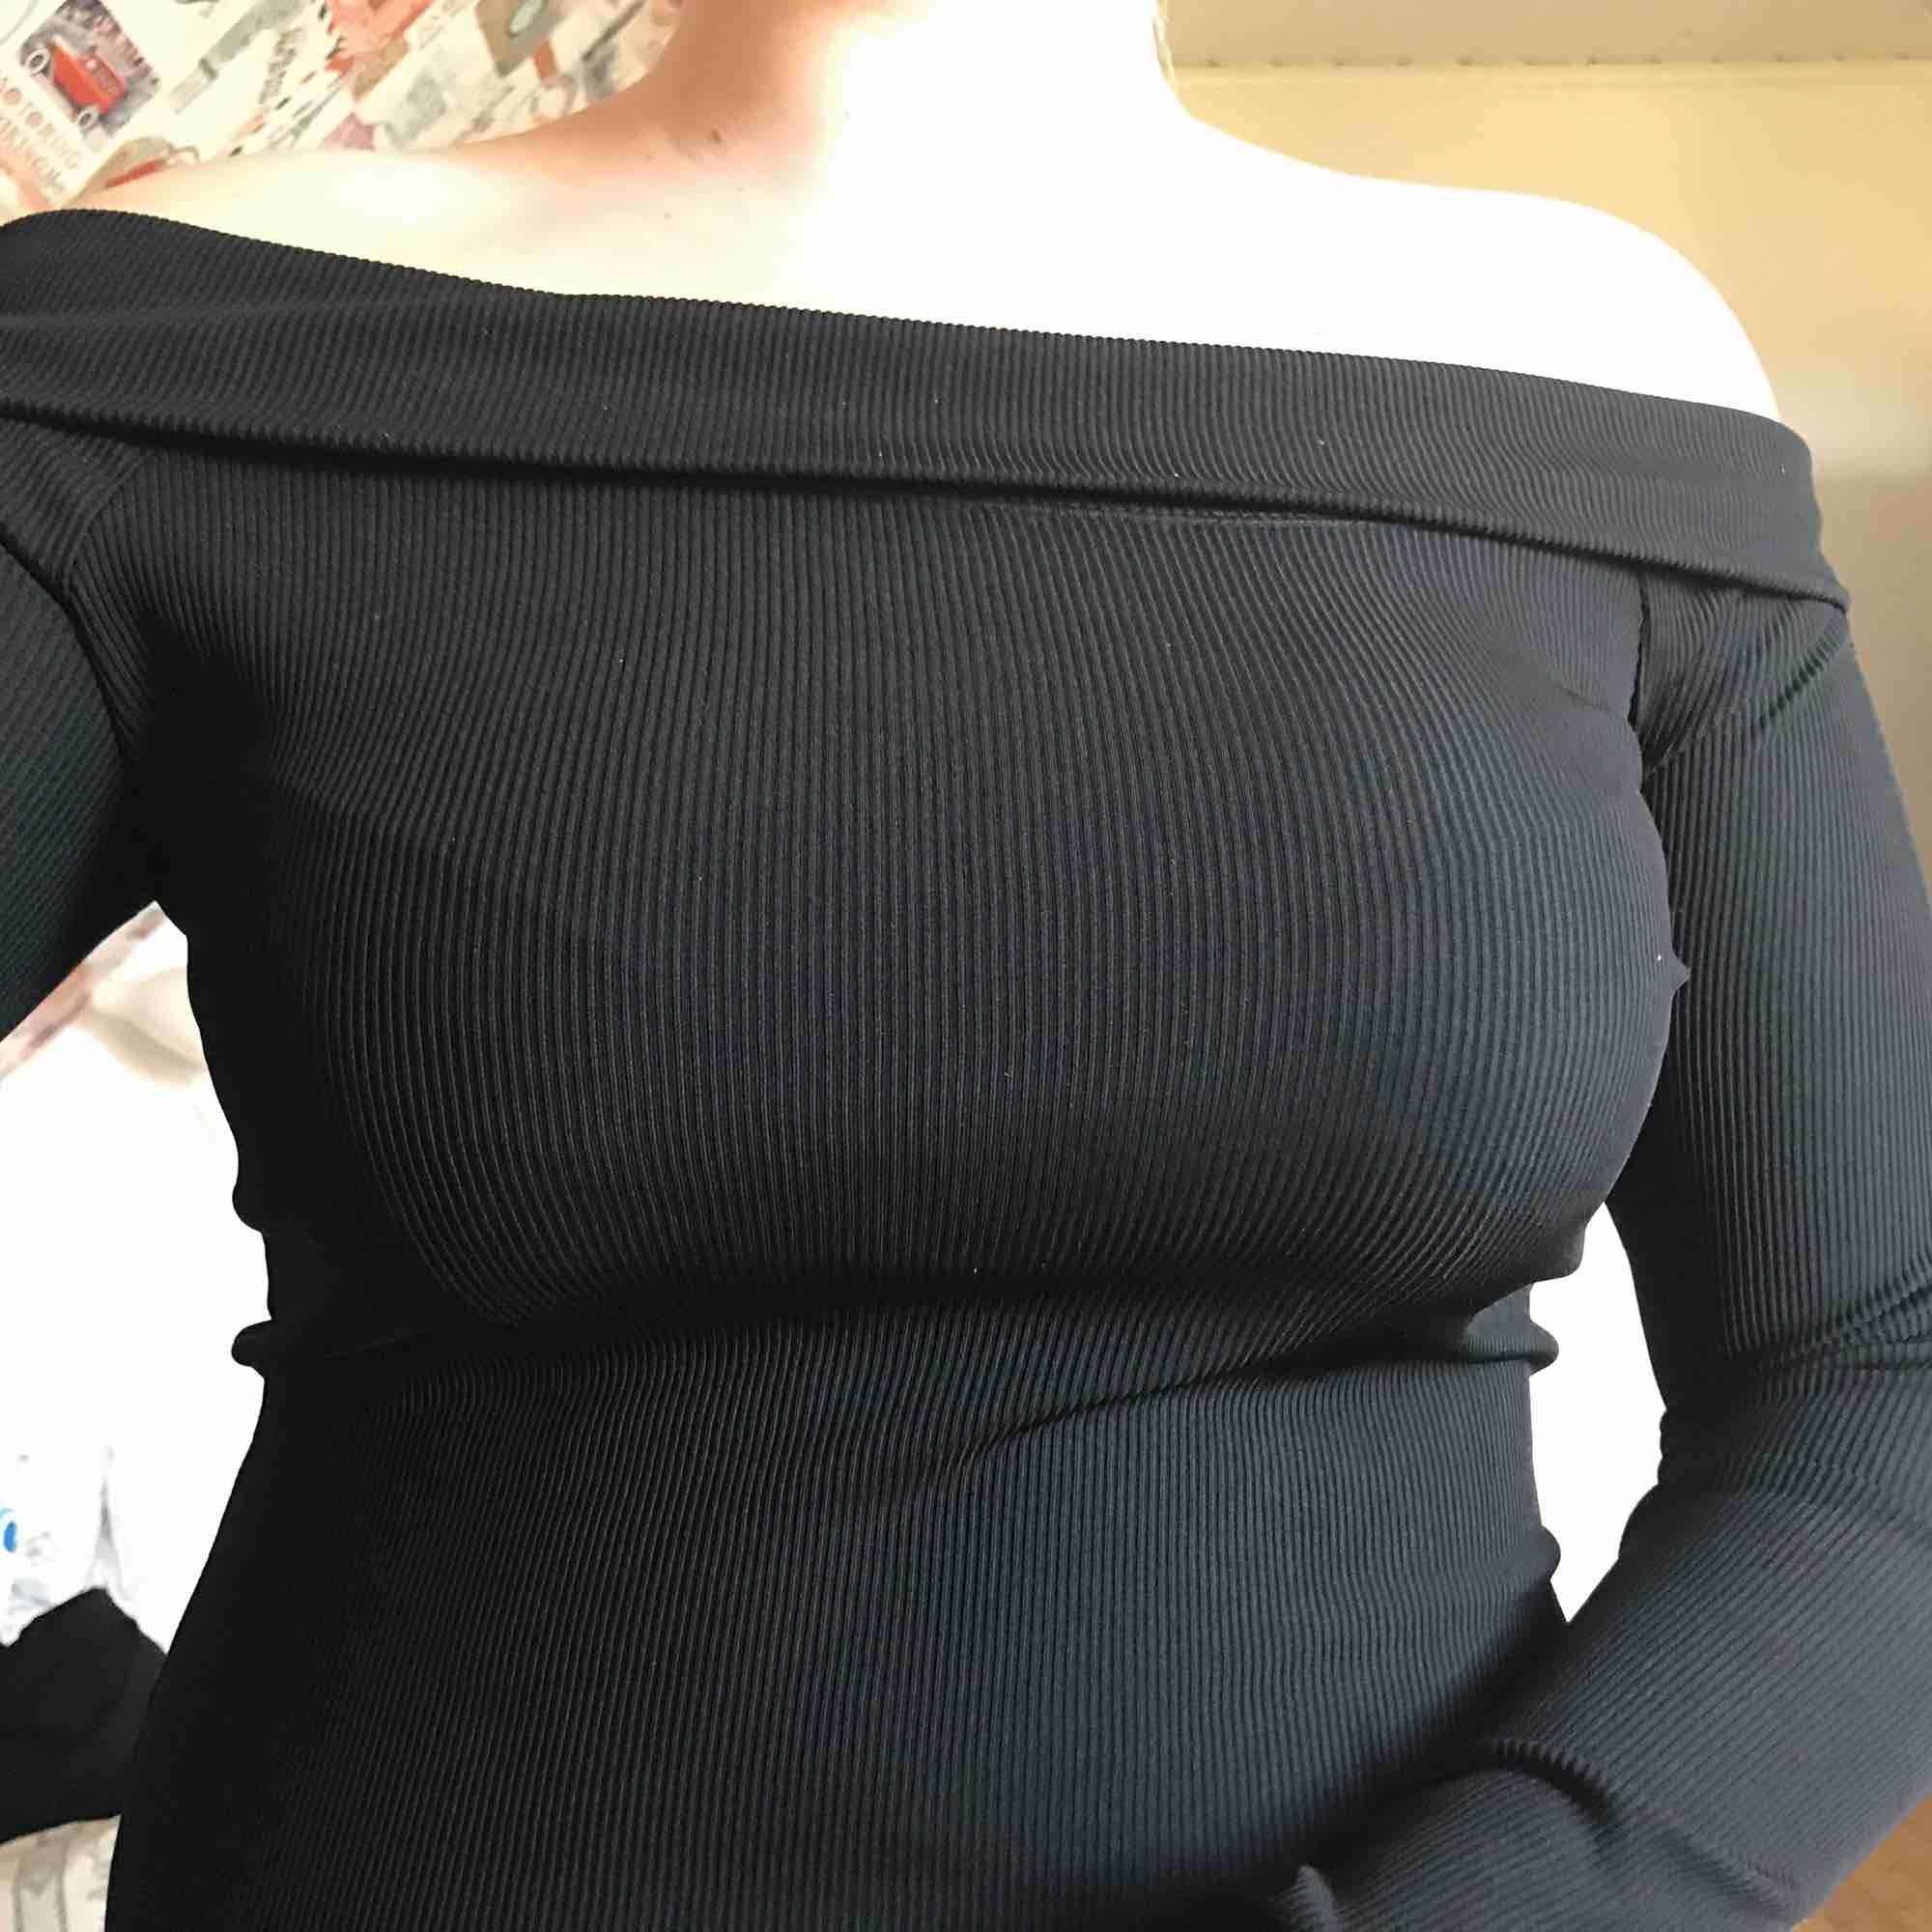 Superfin off-shoulder tröja. Köpt för 199. Helt nytt skick. Använt 1 gång. Frakt ingår i priset💘 Storleken är L men passar mig som är M och sitter tajt på mig! 150 är minsta pris!! . Toppar.